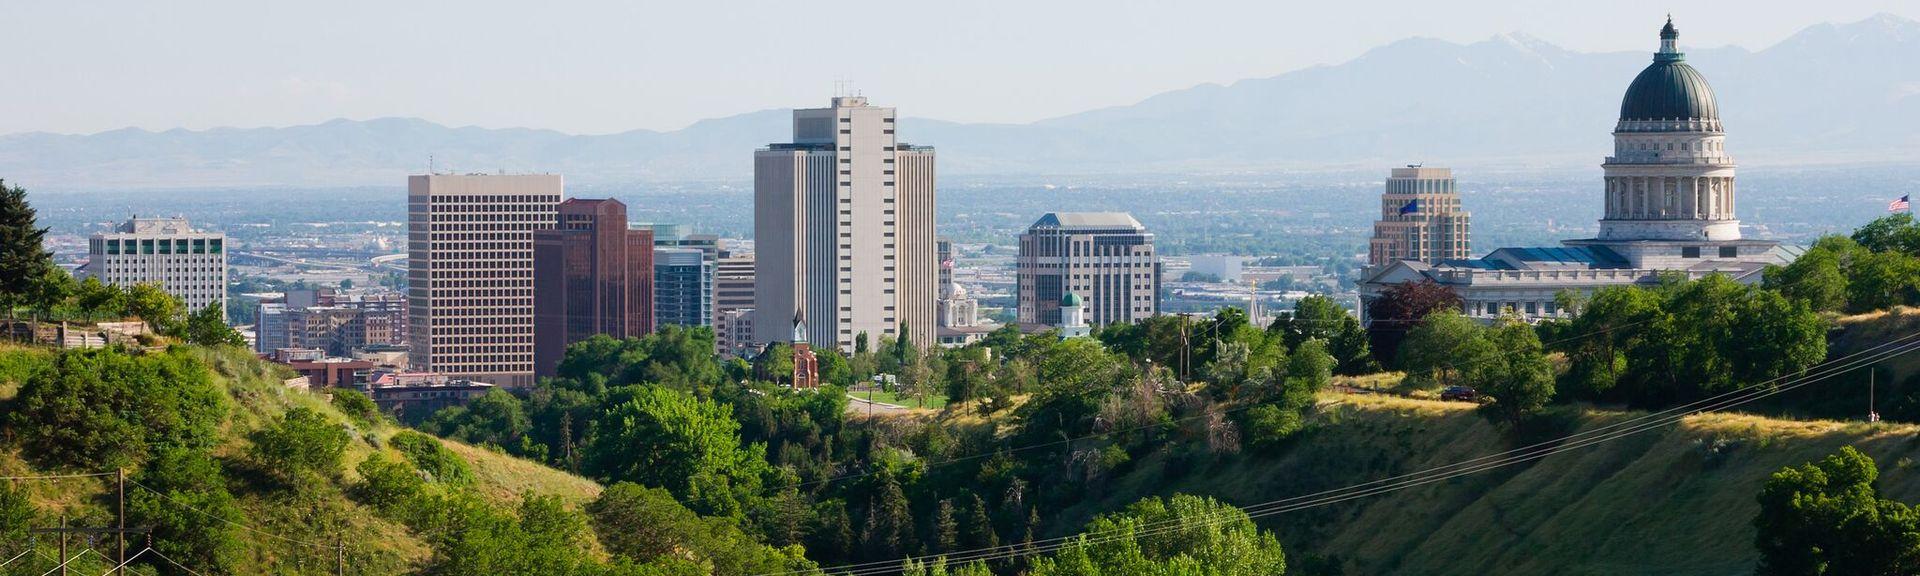 Salt Lake City, UT, USA